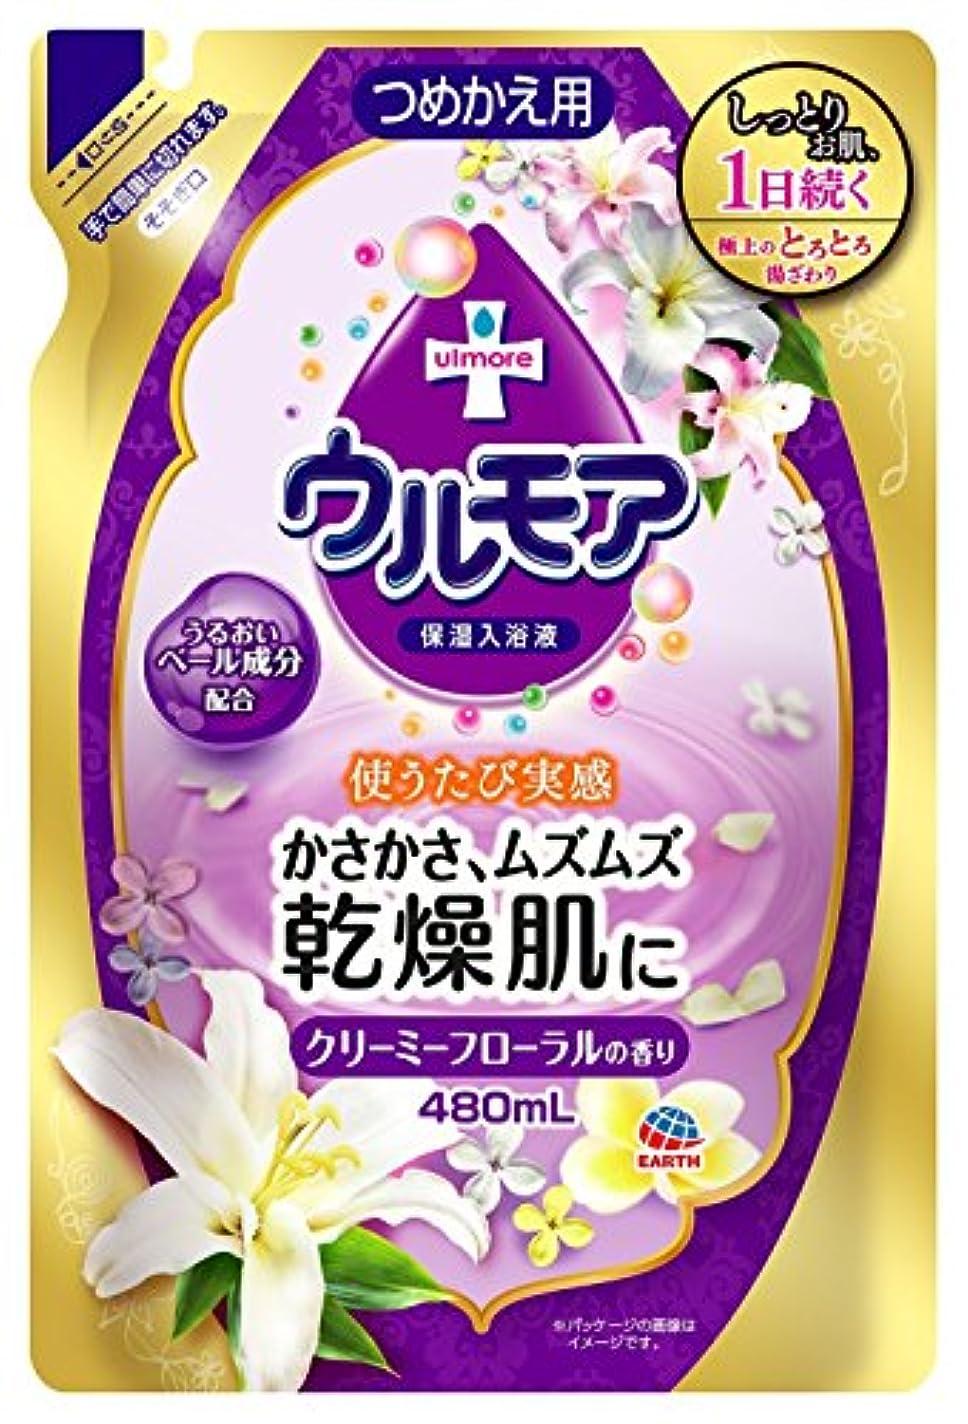 パット願望内側【アース製薬】アース 保湿入浴液 ウルモア クリーミーフローラル つめかえ用 480ml ×20個セット